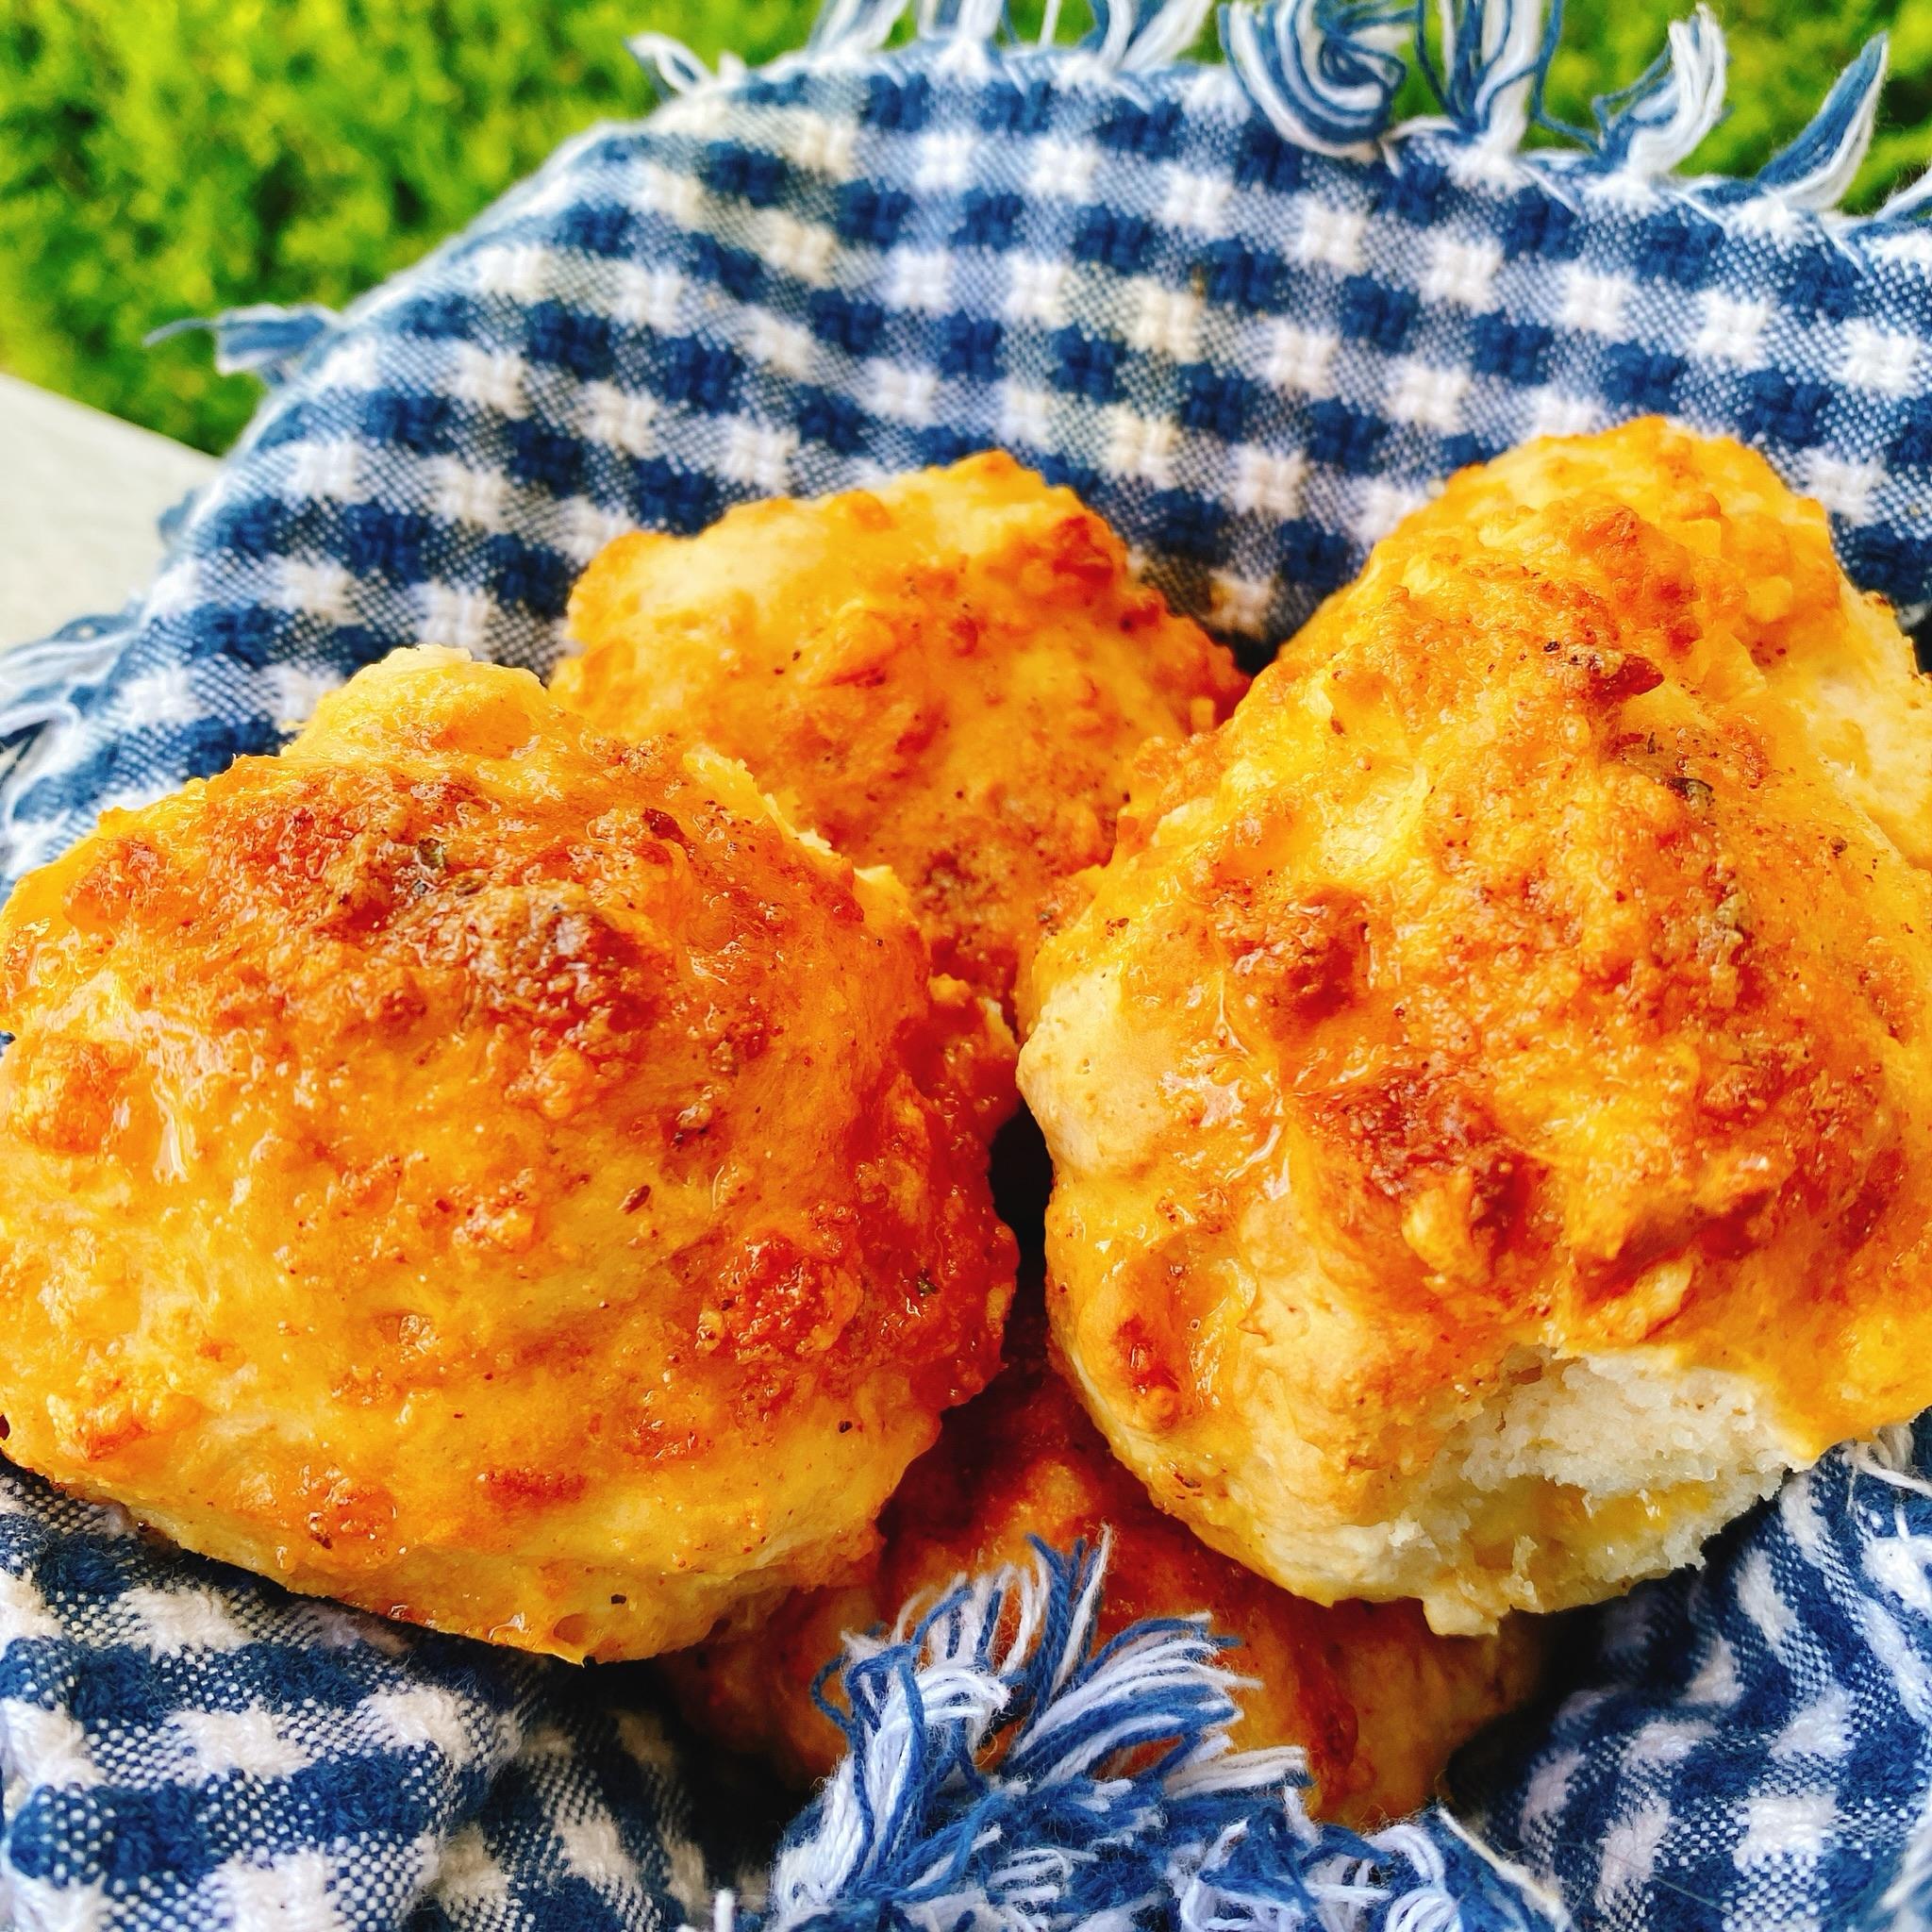 Air Fryer Zesty Cheddar Biscuits